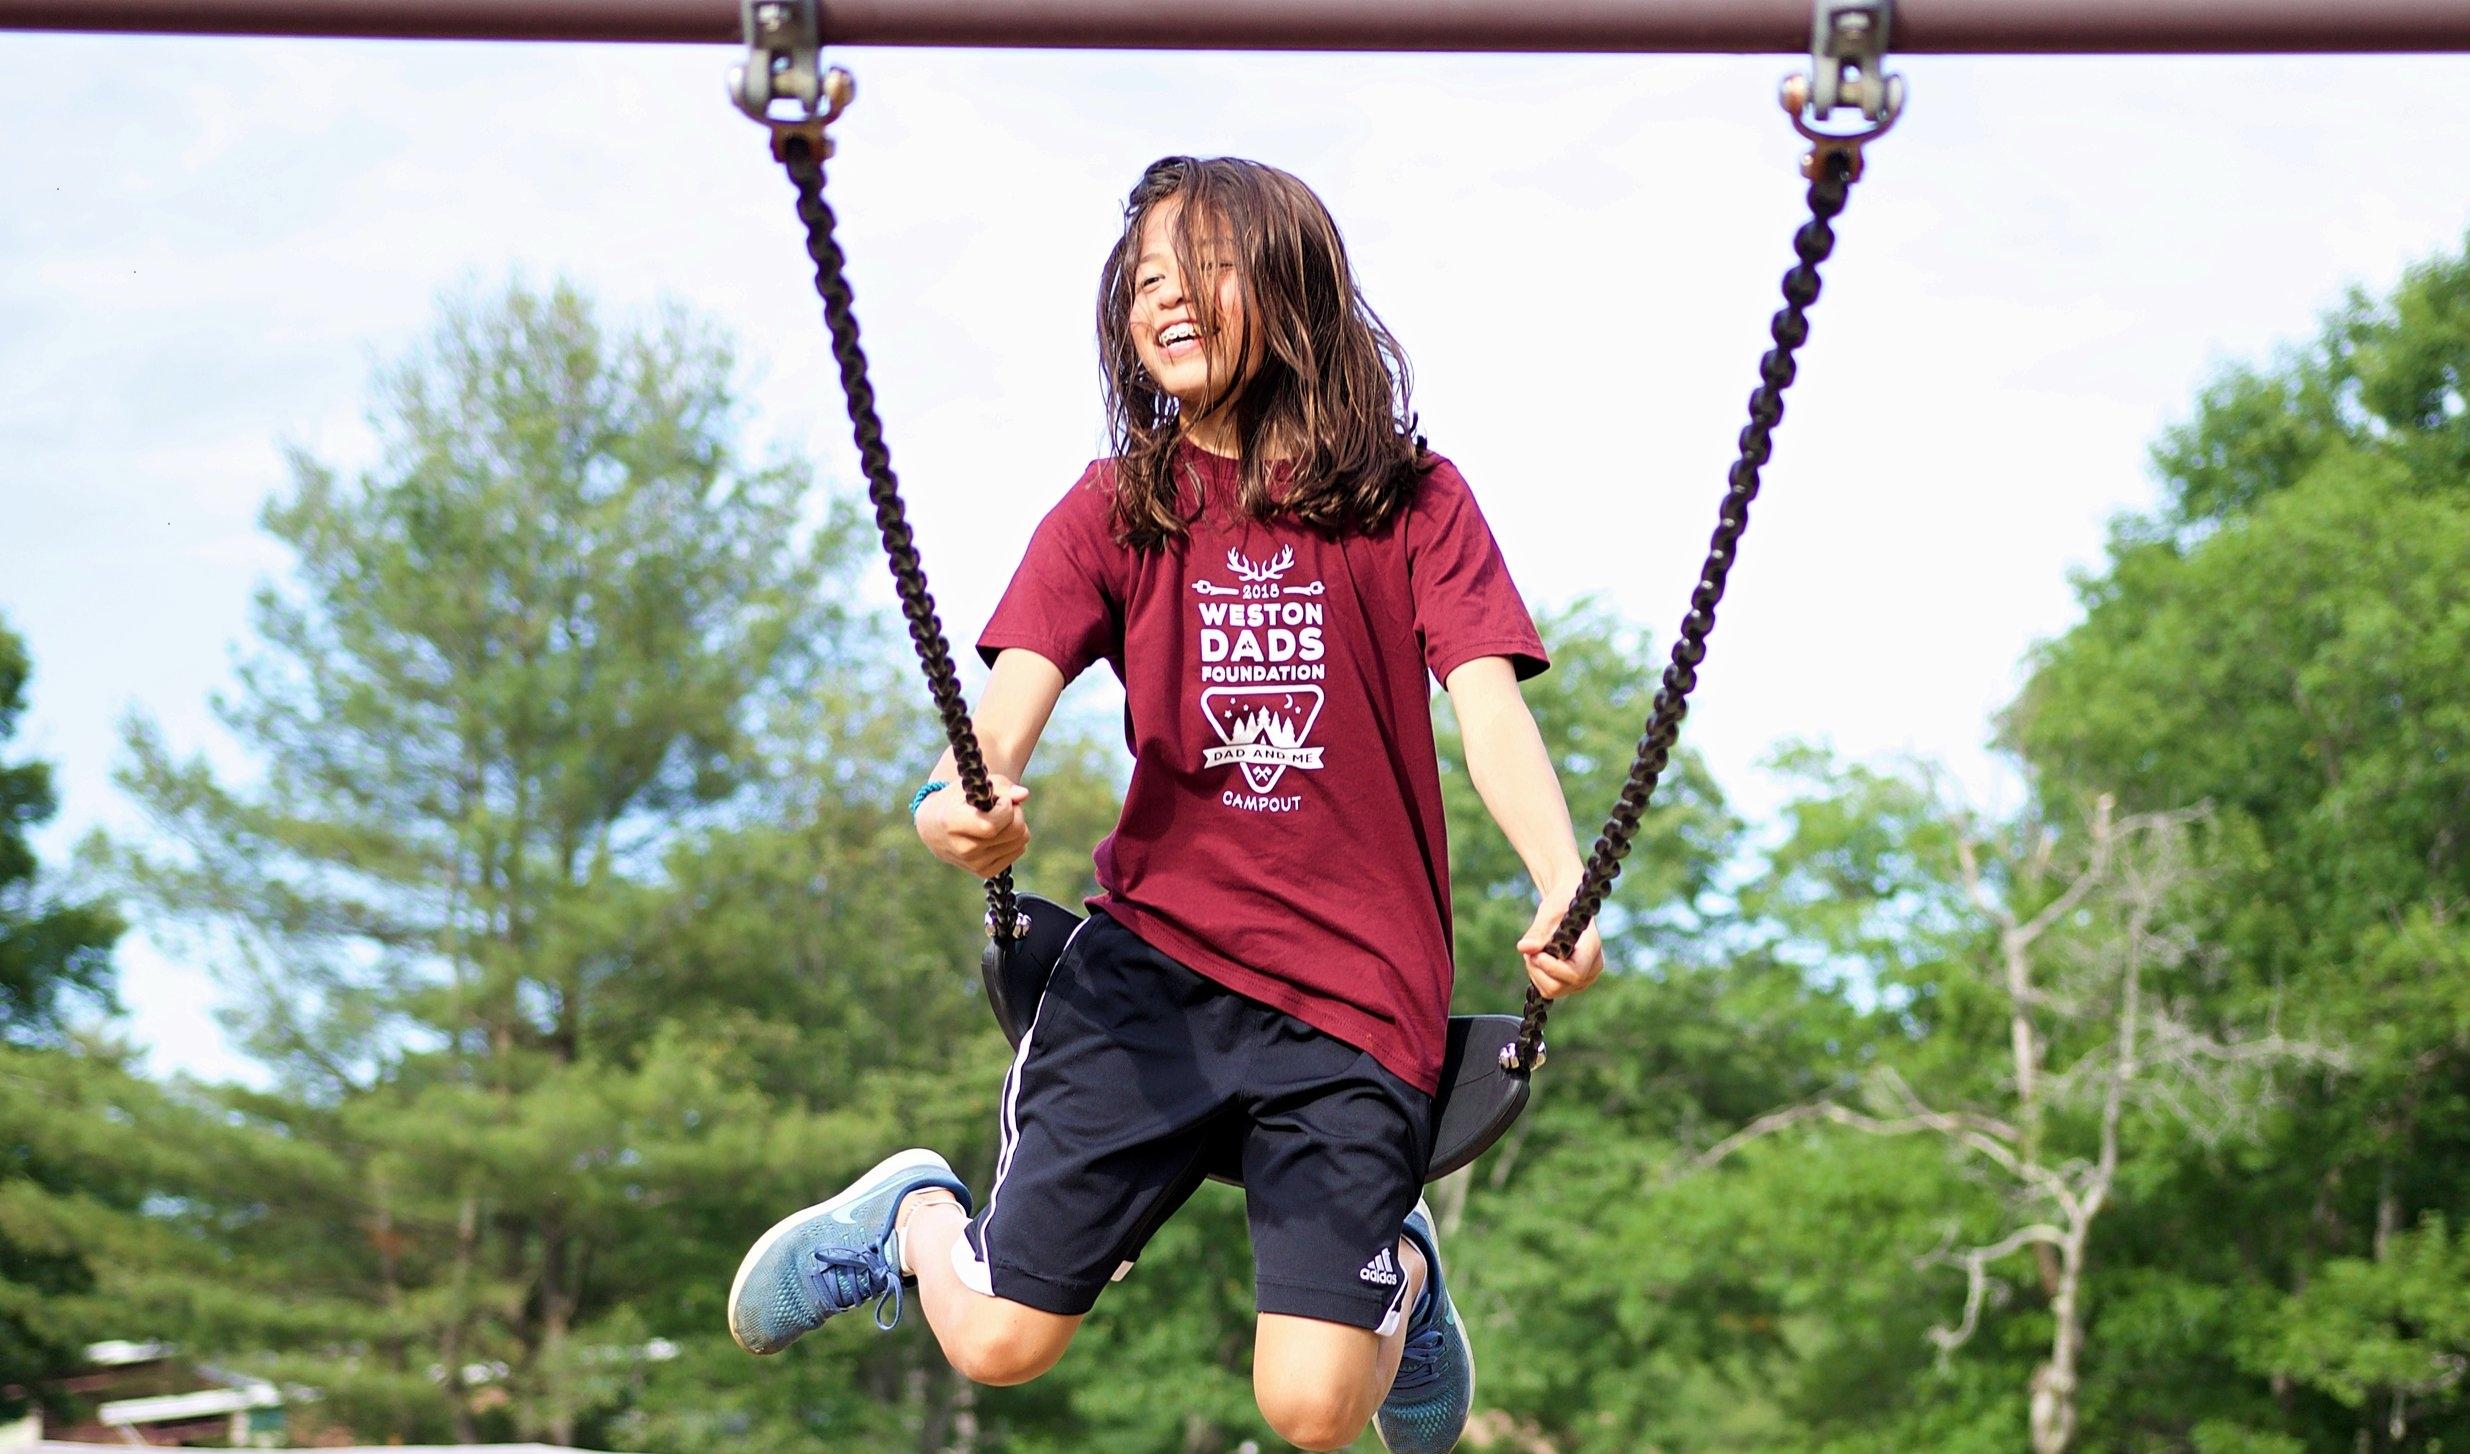 Girl_Swinging_crop.jpg